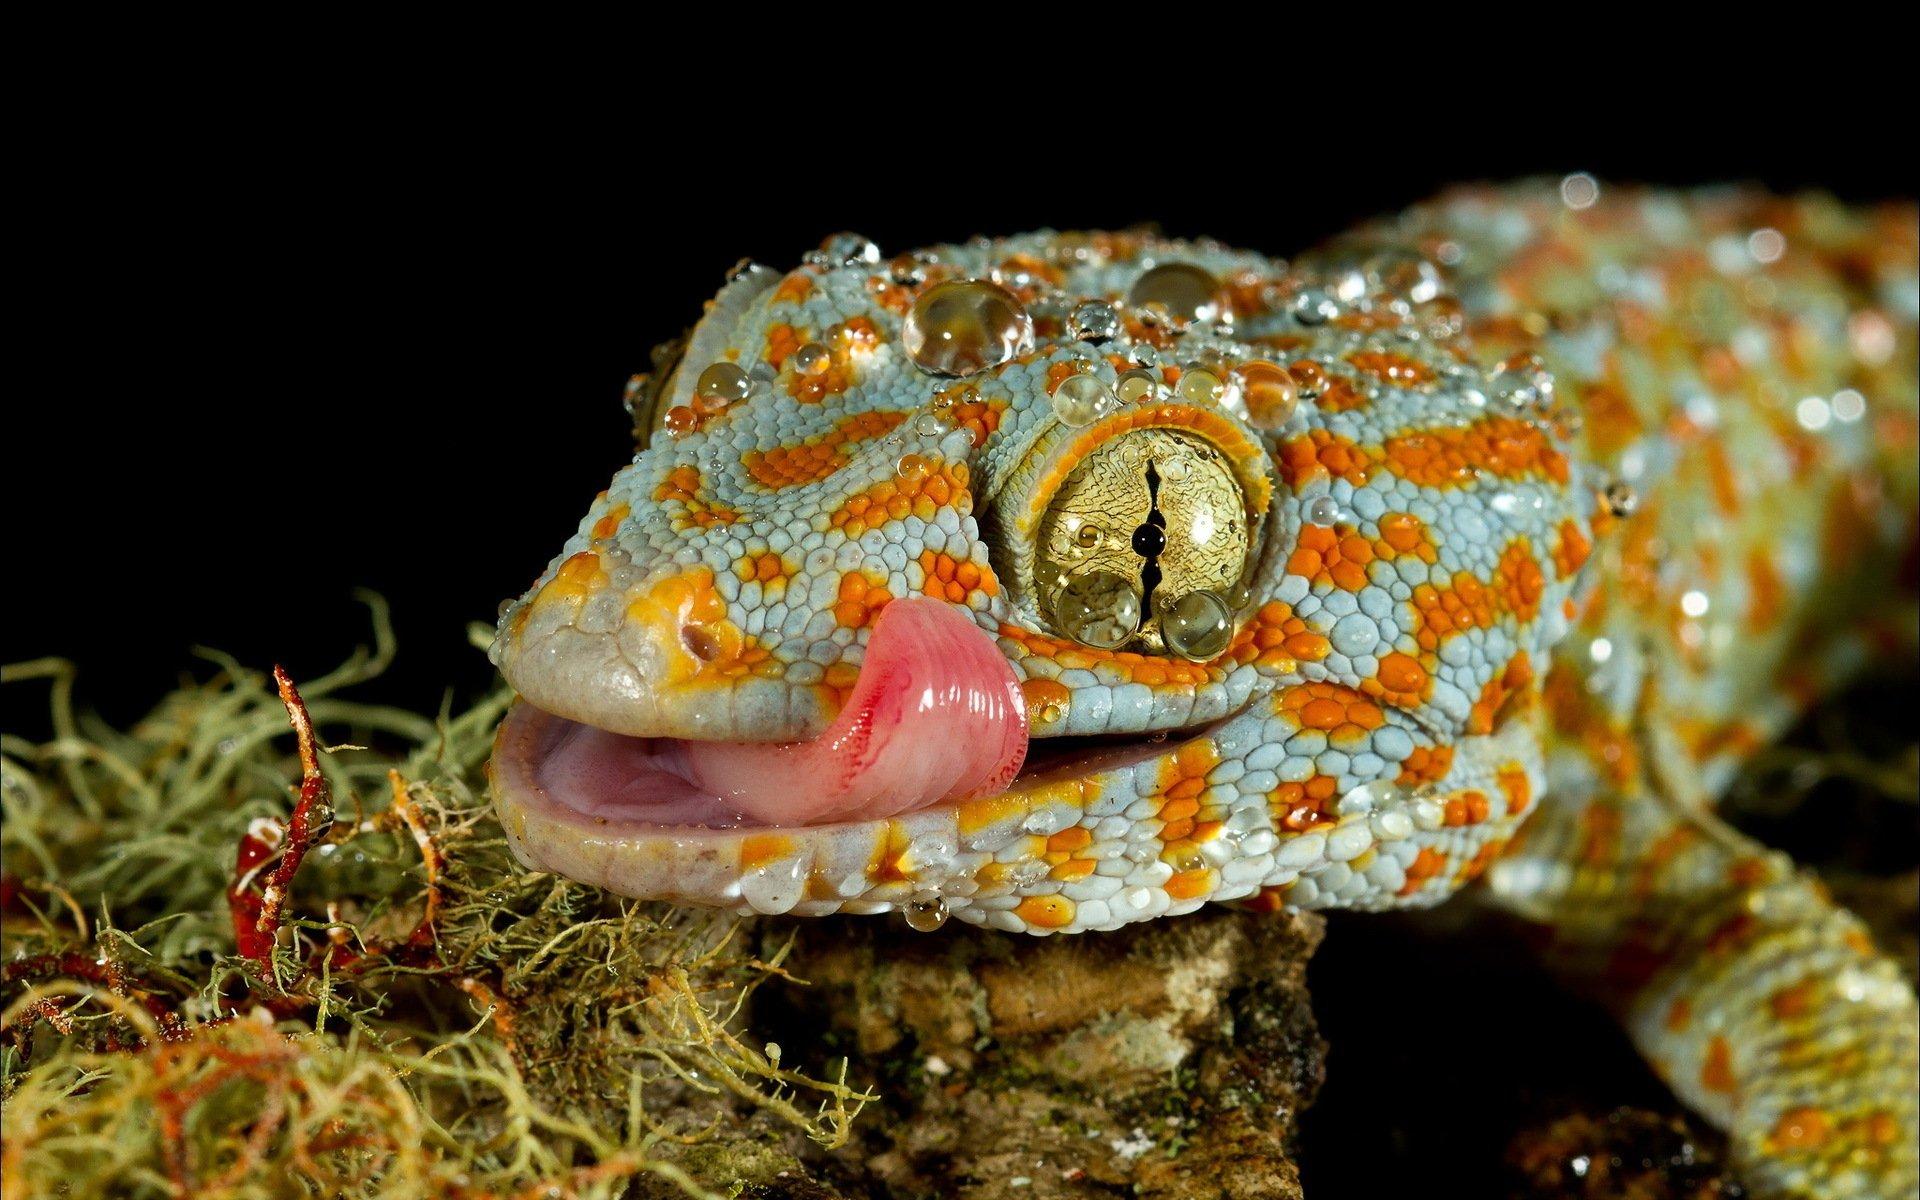 3840x2160 wallpaper lizard gecko - photo #21